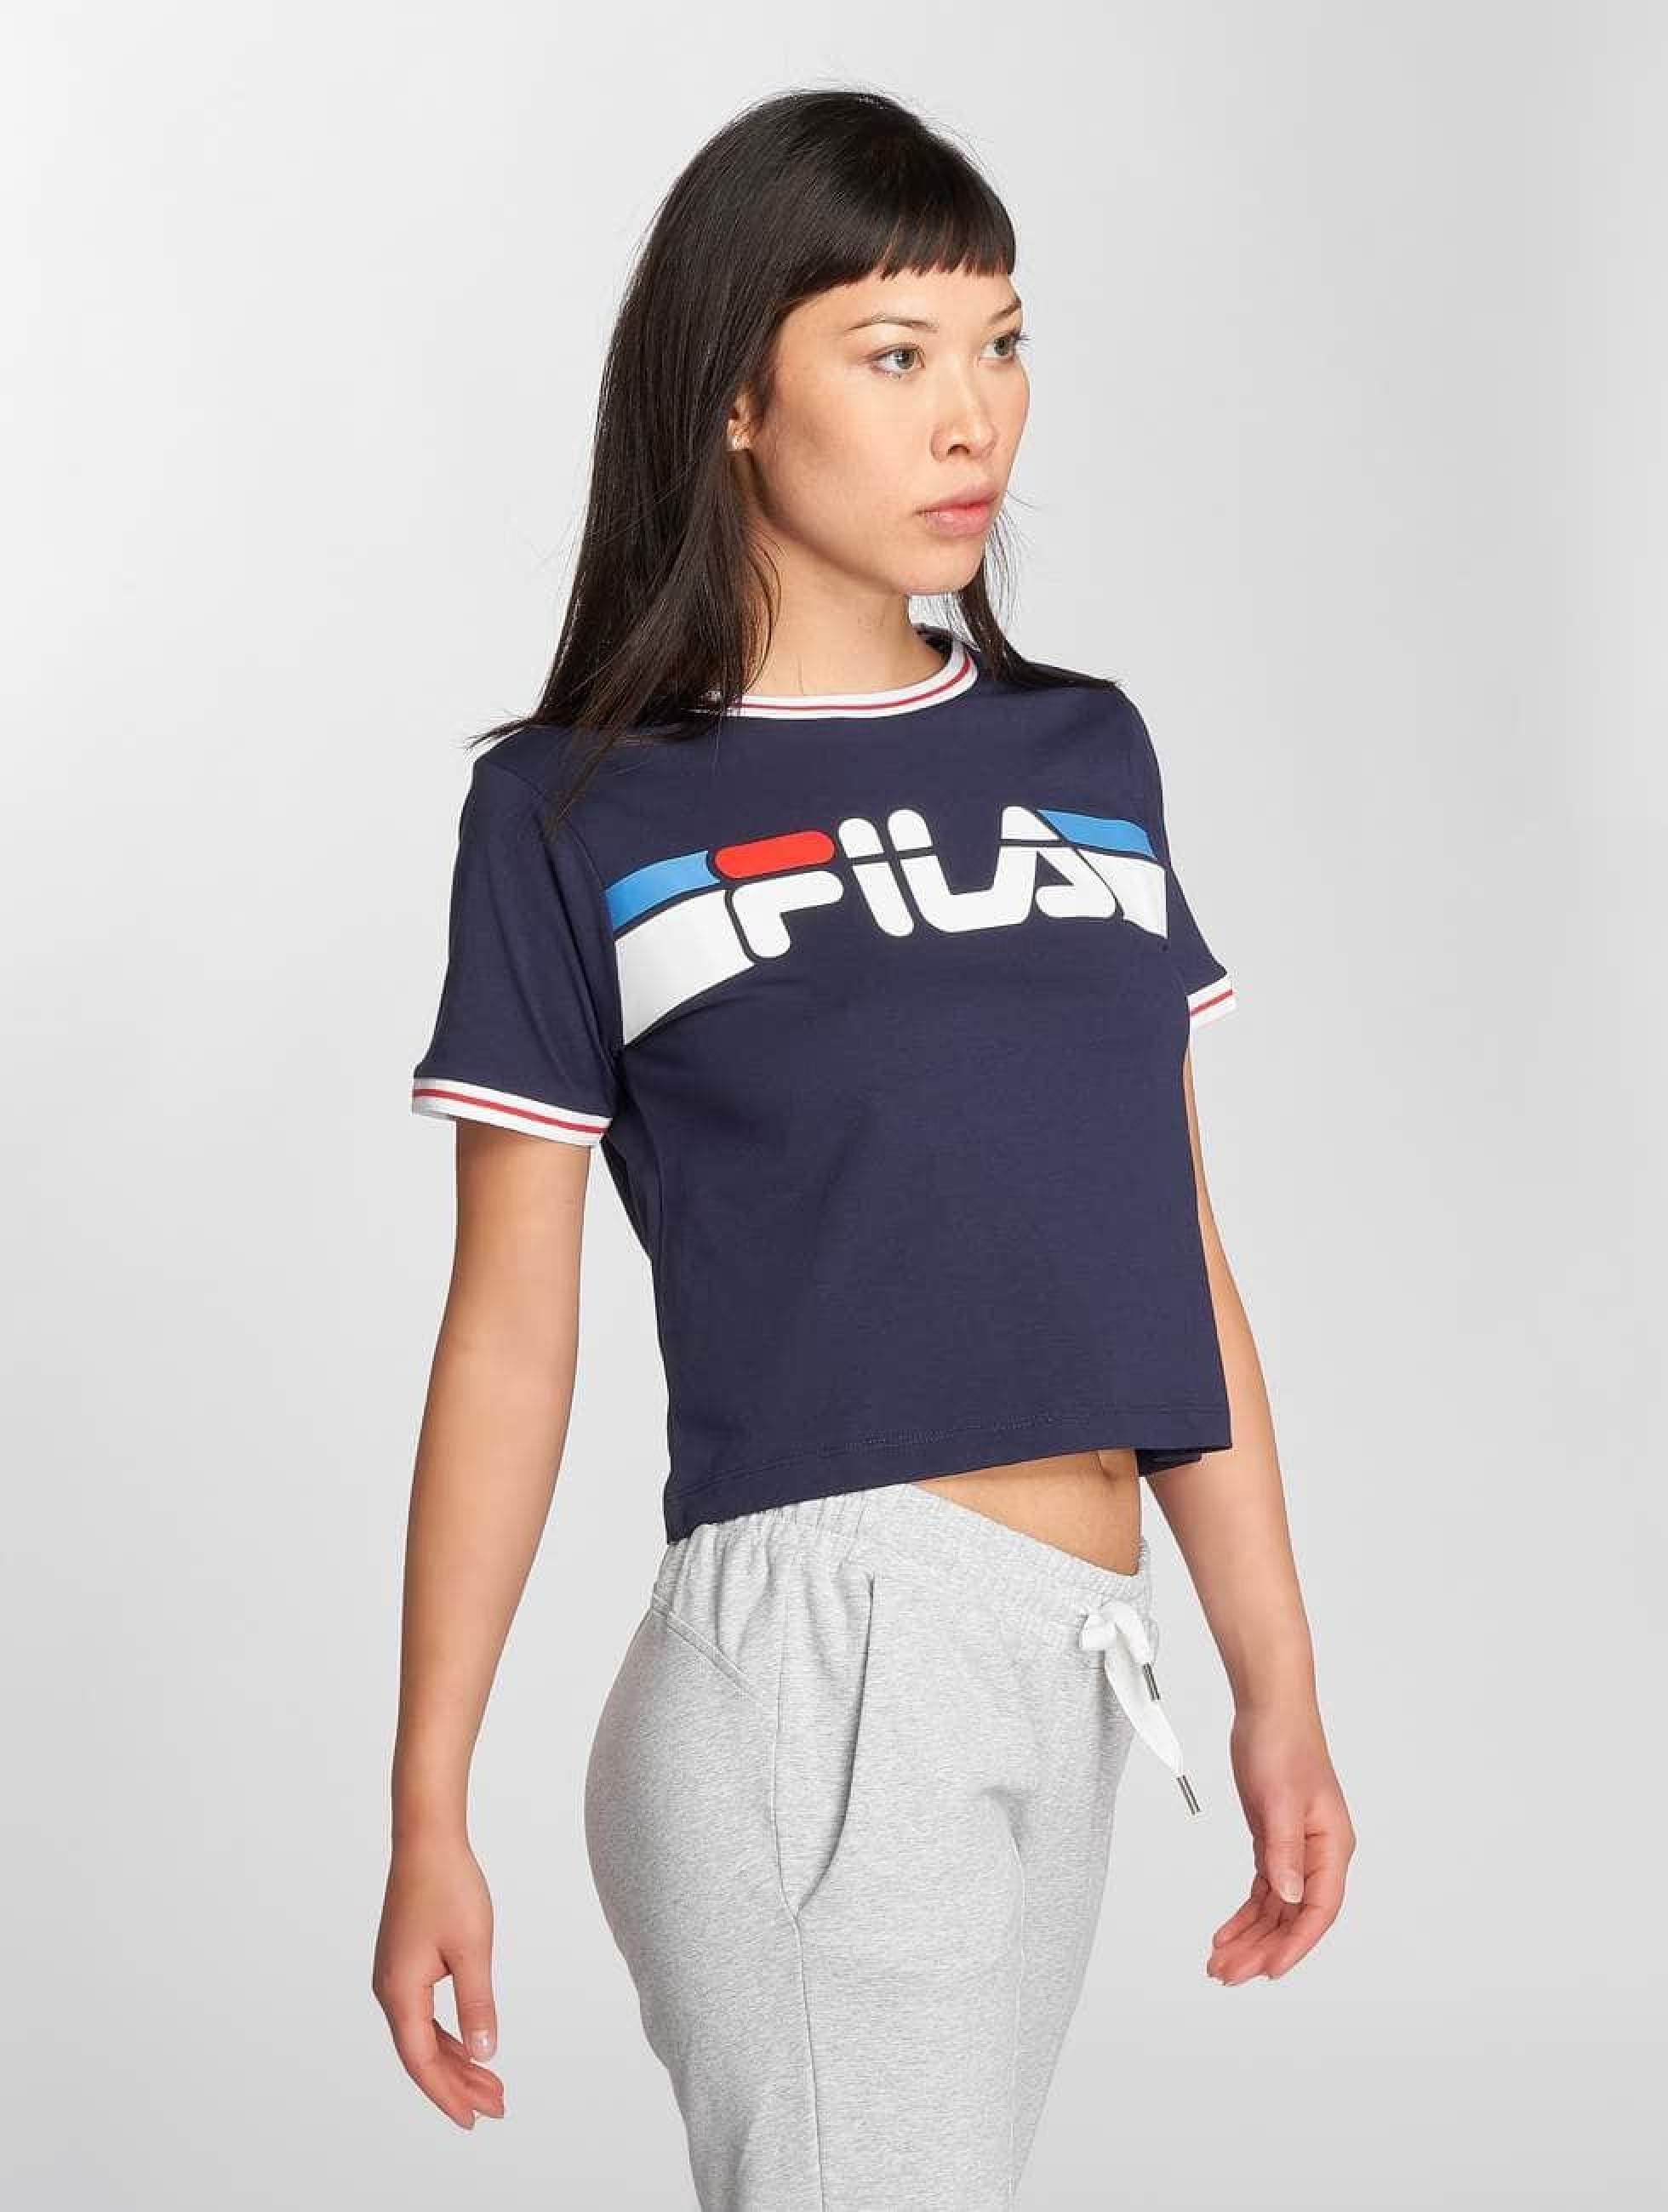 Shirts und Tanktops bei Sportiply